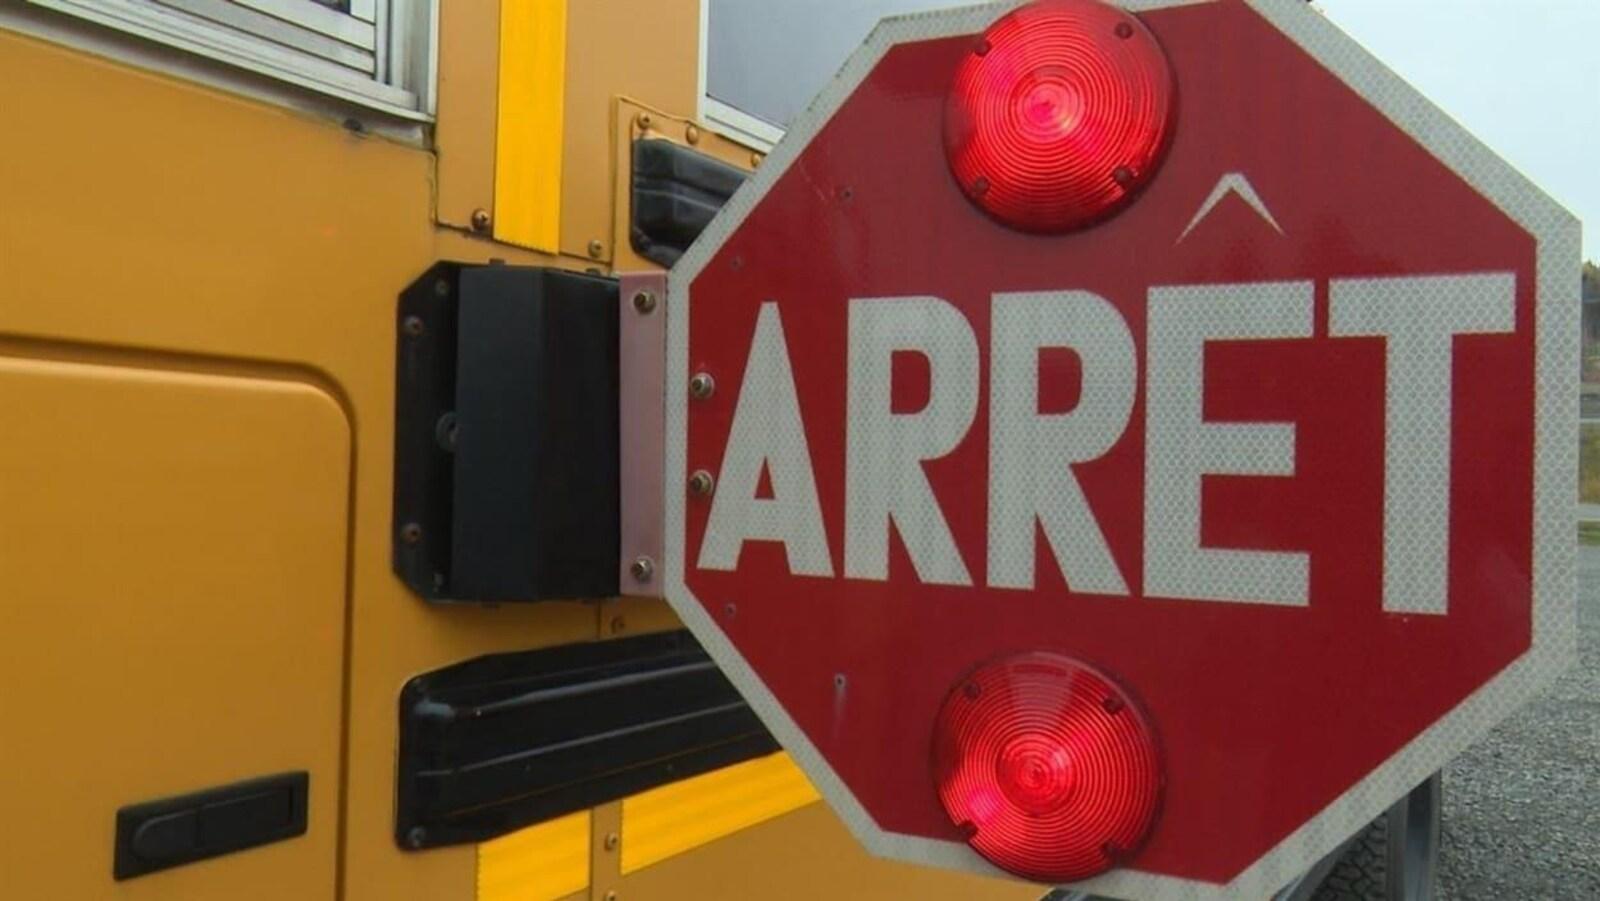 Panneau avec lumières rouges sur un autobus scolaire.